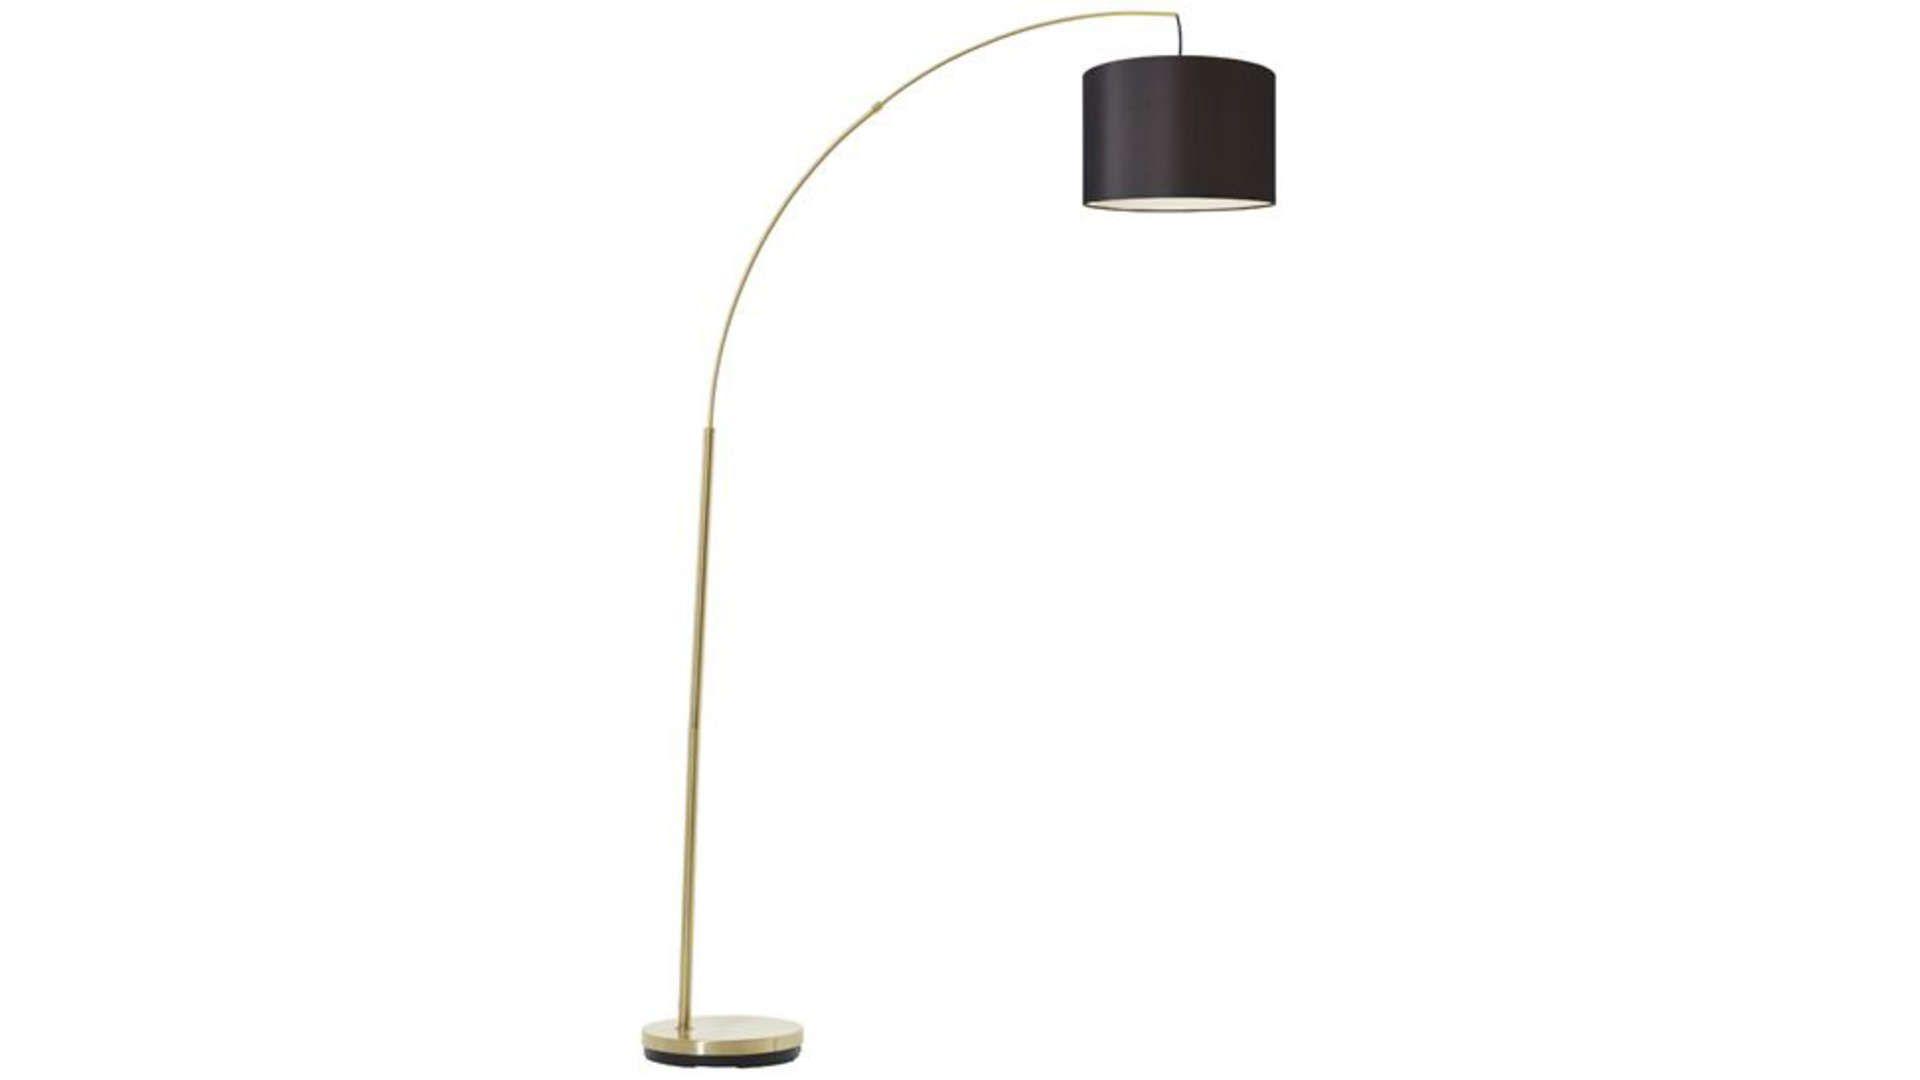 Lampadaire 180 Cm Clarie Coloris Noir Et Laiton Brosse En 2020